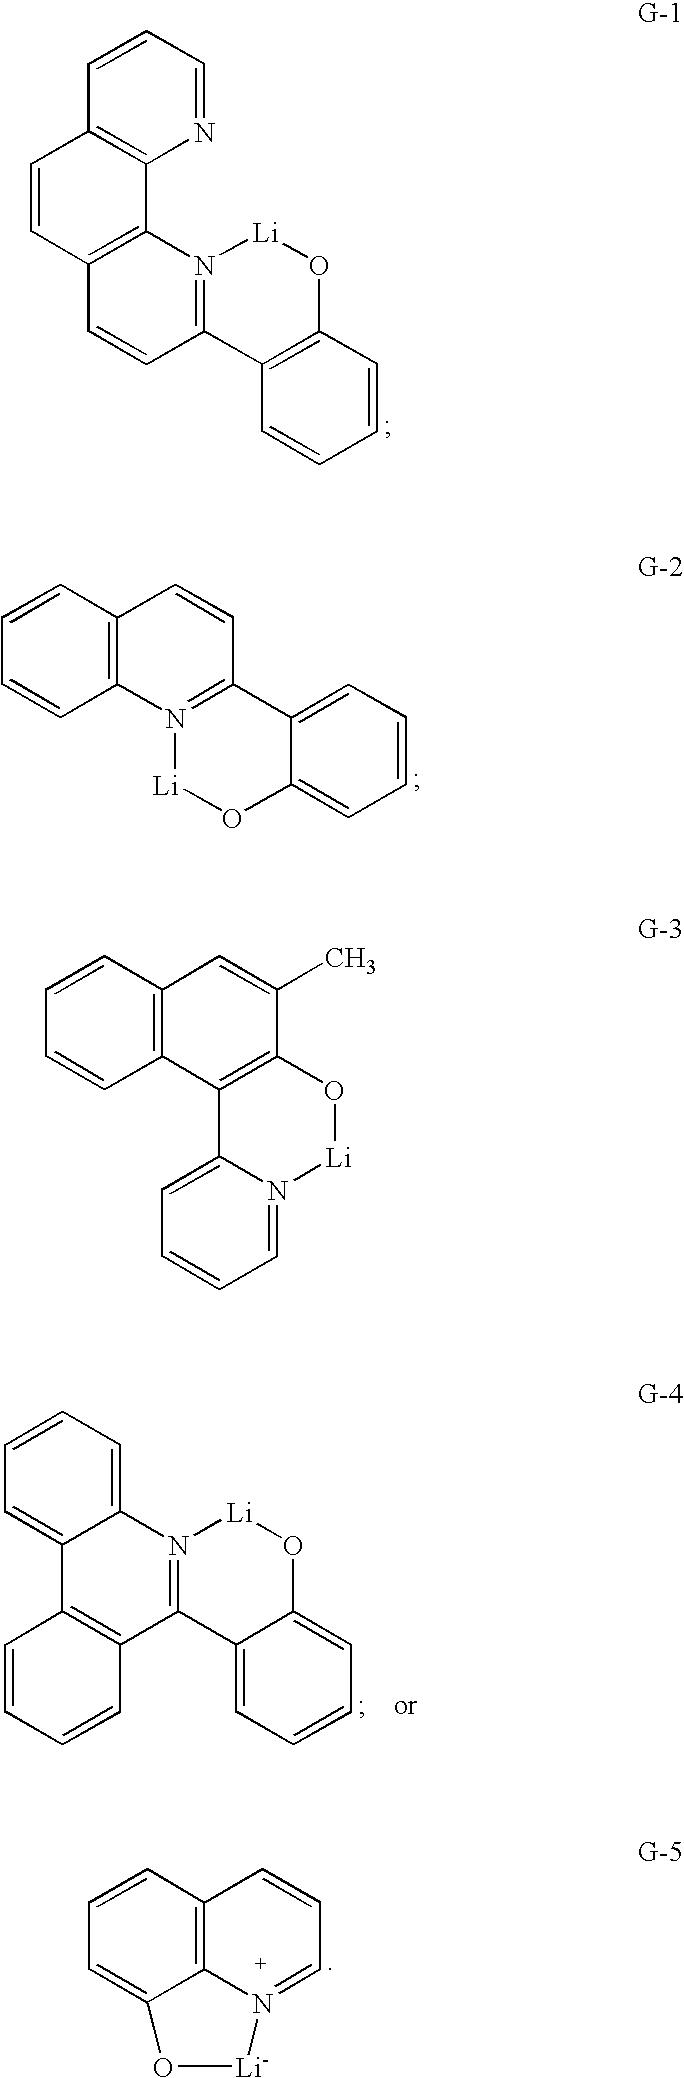 Figure US20090115316A1-20090507-C00044